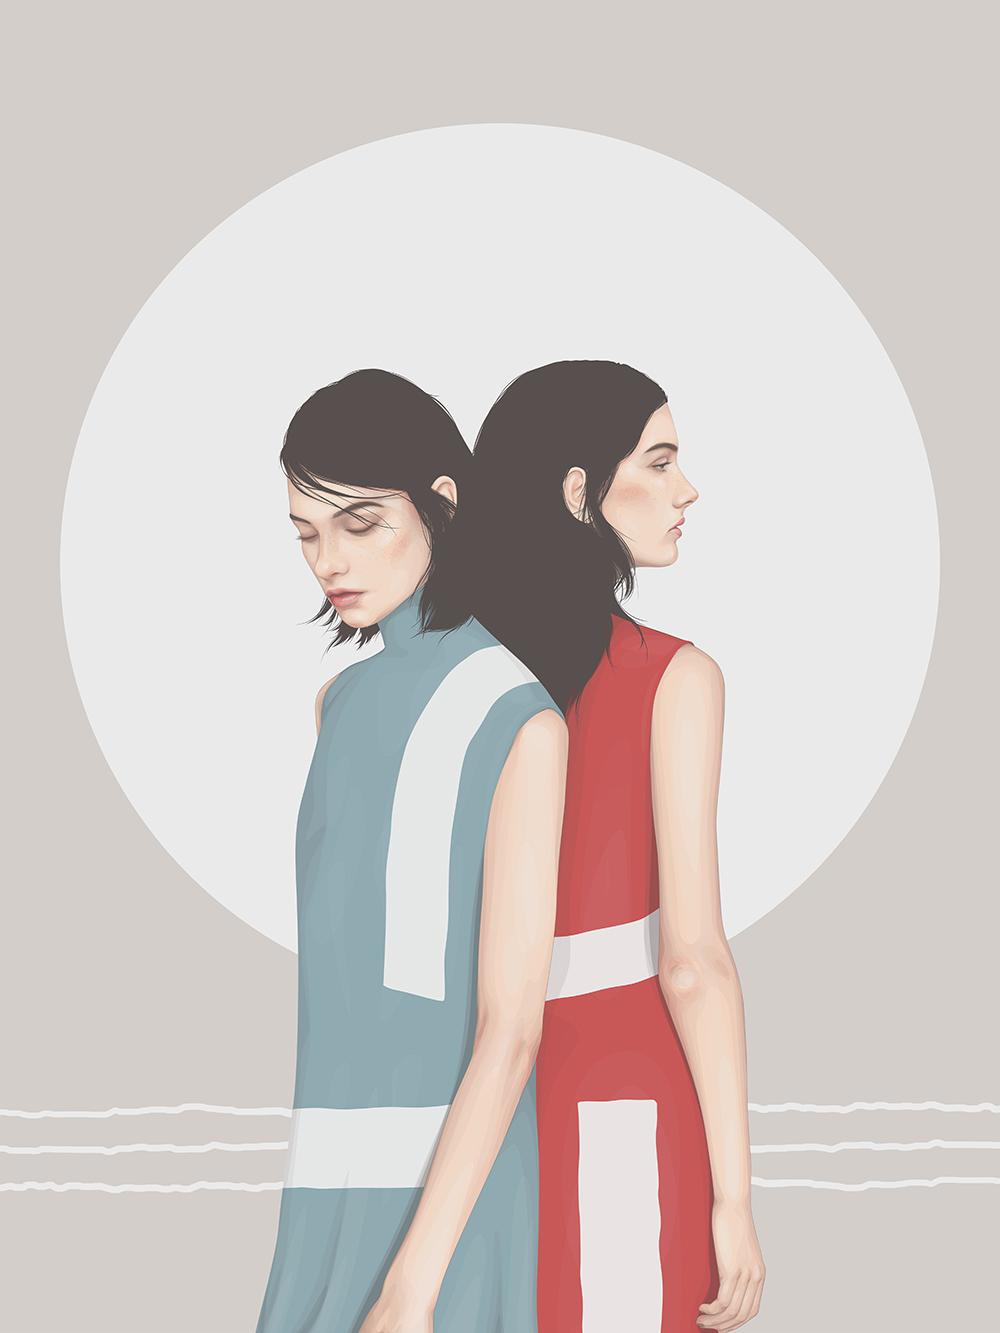 Fashion Illustrations by Yuschav Arly